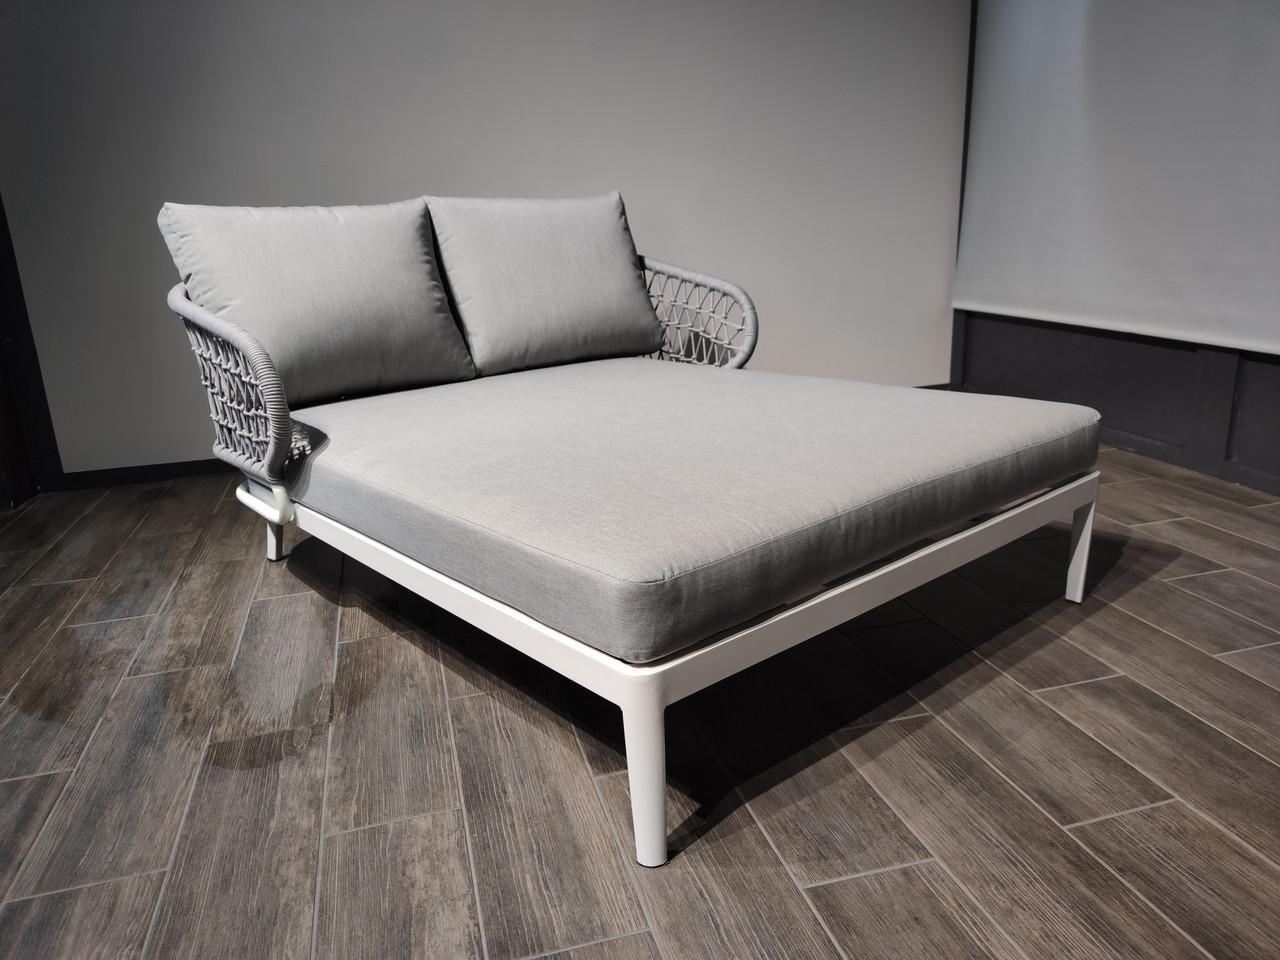 Кровать уличная HEIDI RGSY1020 -G